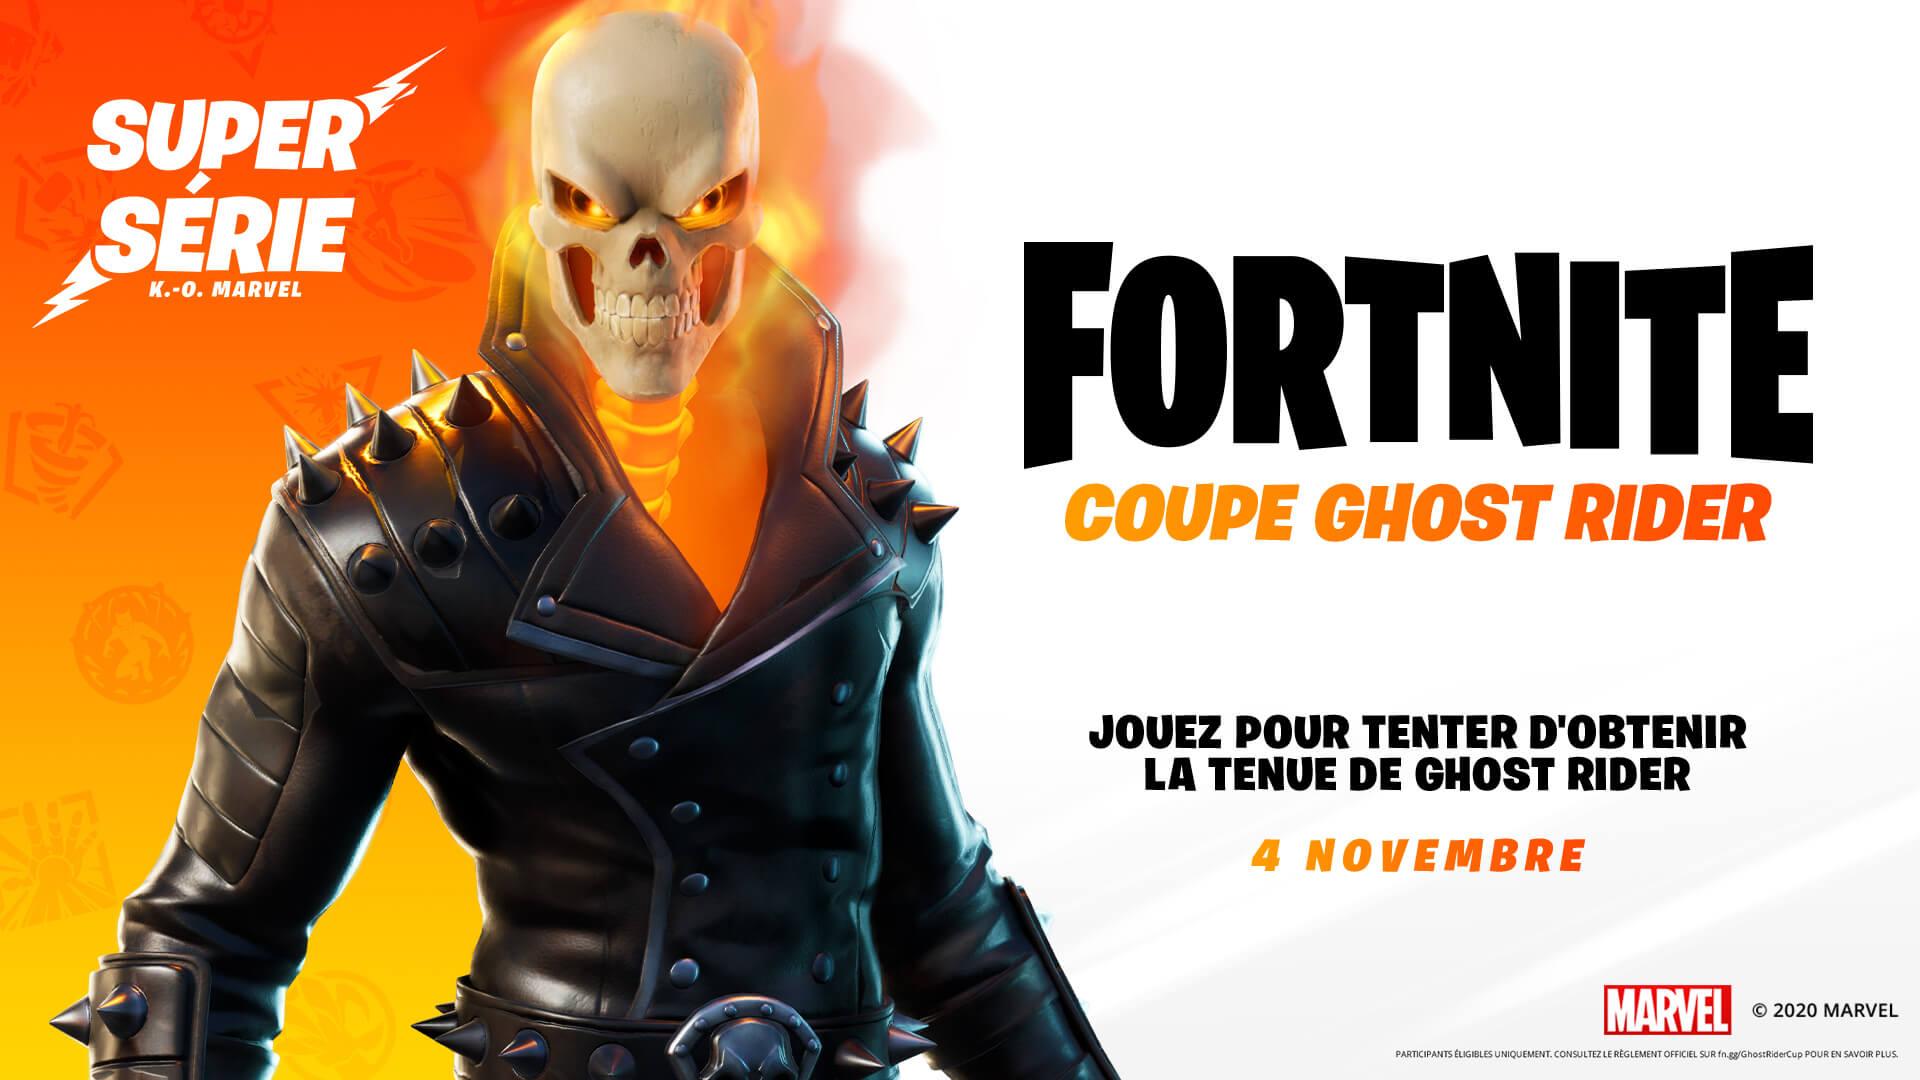 FR 14BR Comp MarvelSuperSeries GhostRiderCup V2 Social